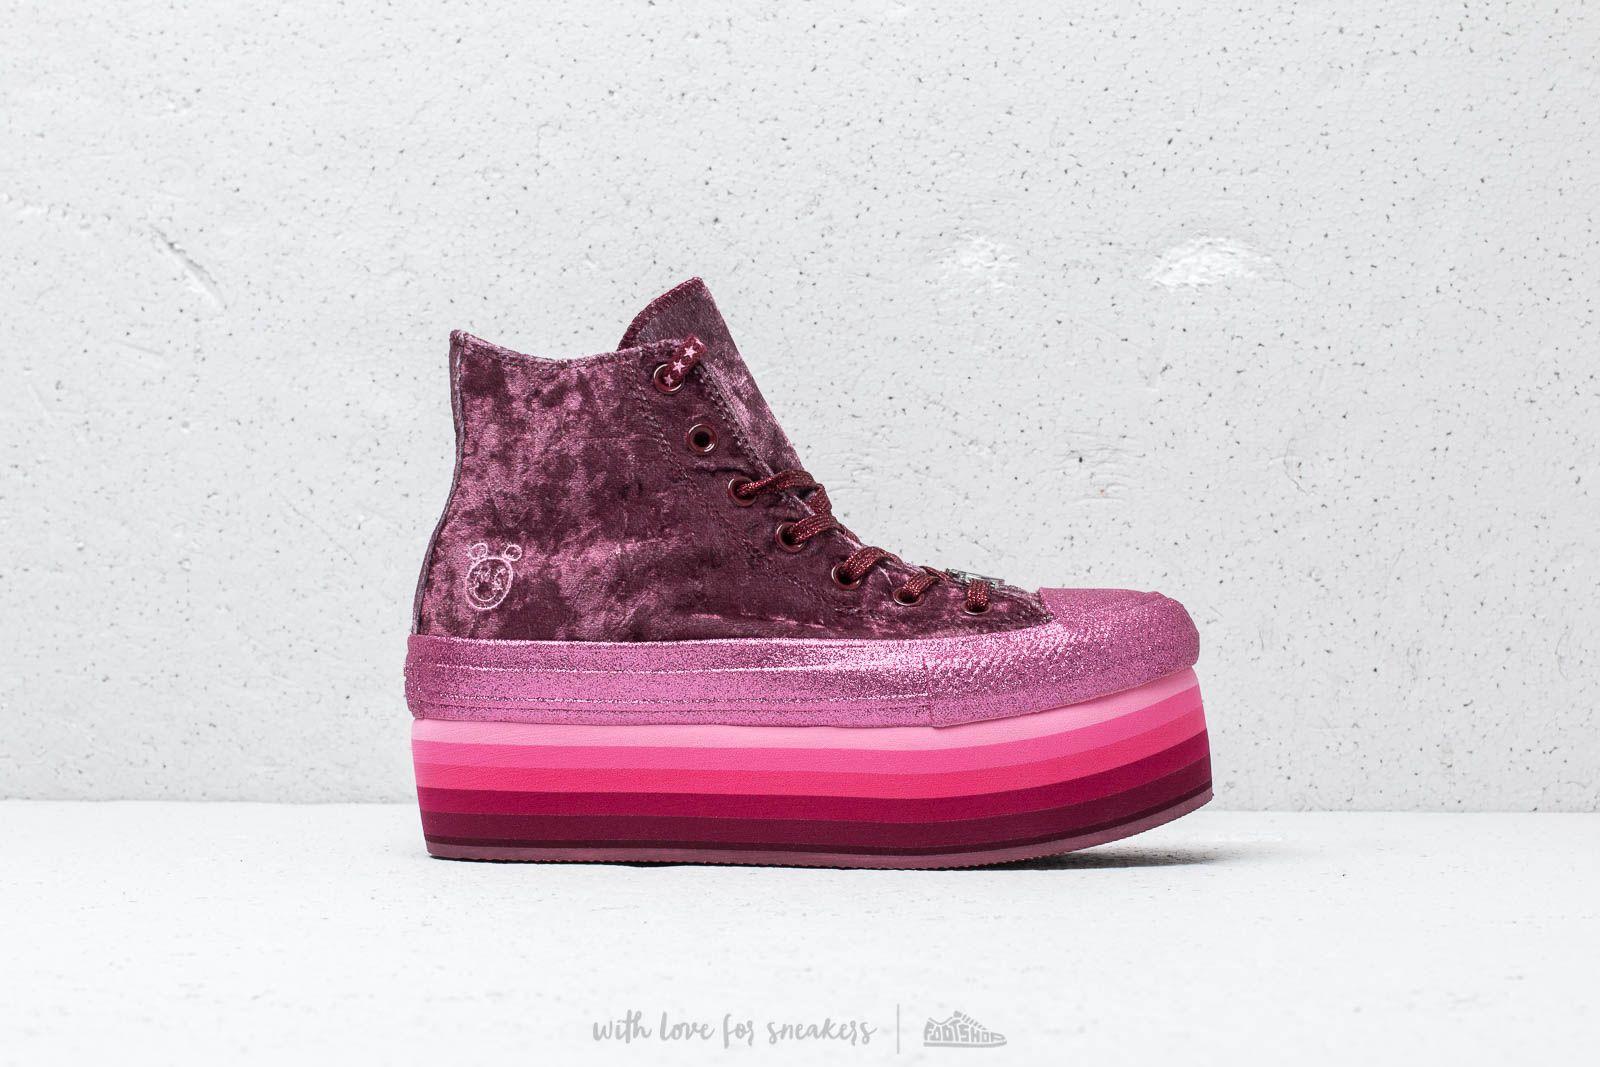 72de087eb2c8 Converse x Miley Cyrus Chuck Taylor All Star Platform Hi Dark Burgundy  Pink  nagyszerű árakon